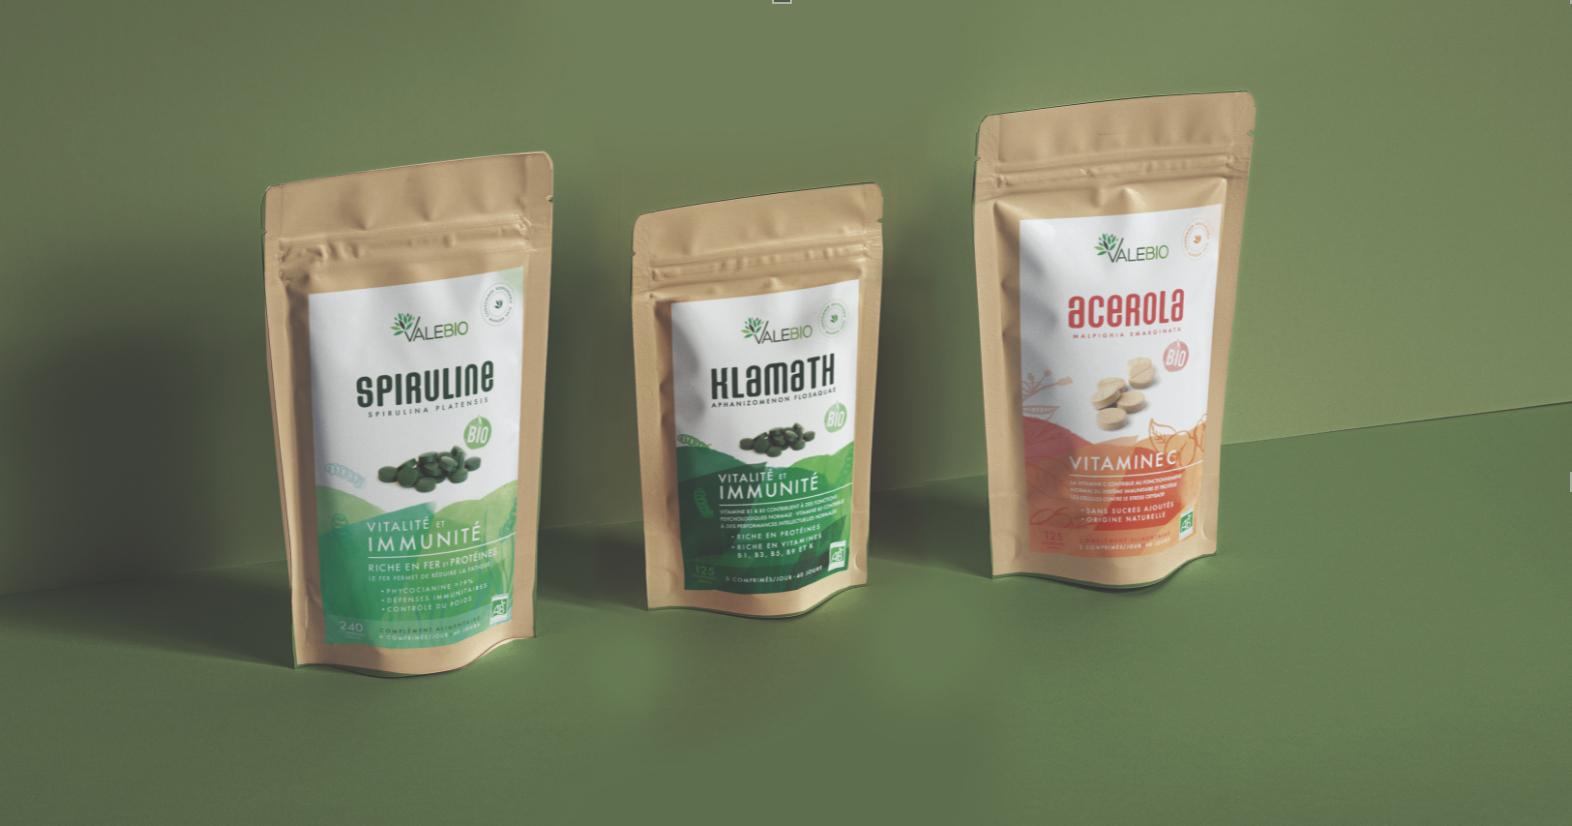 Les compléments alimentaires Valebio, entreprise créée à Marseille en 2013